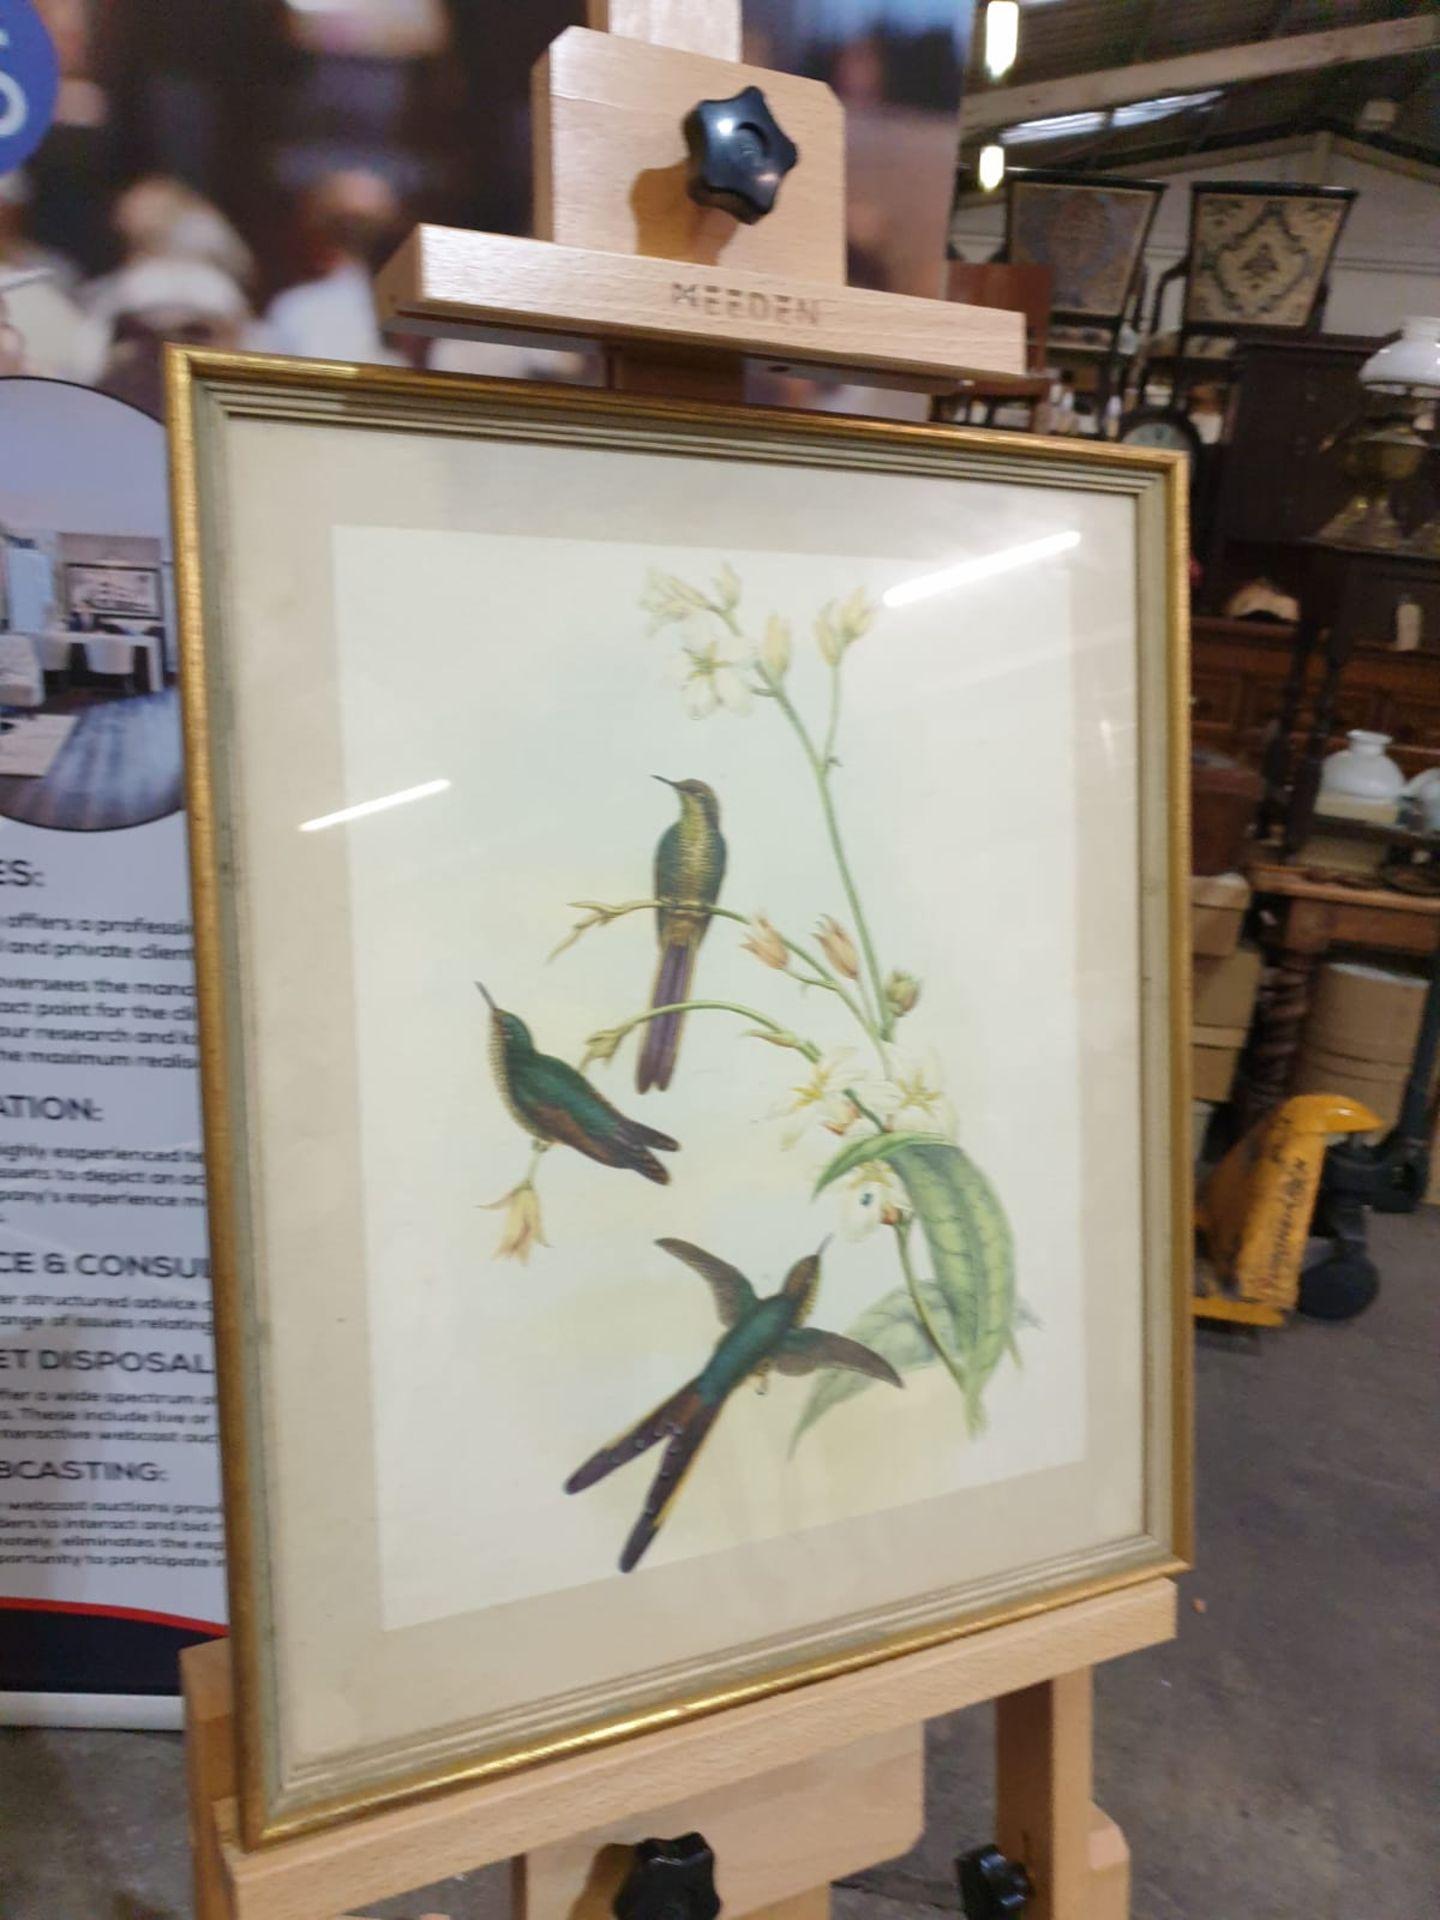 Framed coloured lithograph Sparganura Glyceria, from 'Tropical Birds' (Sparganura Glyceria, from